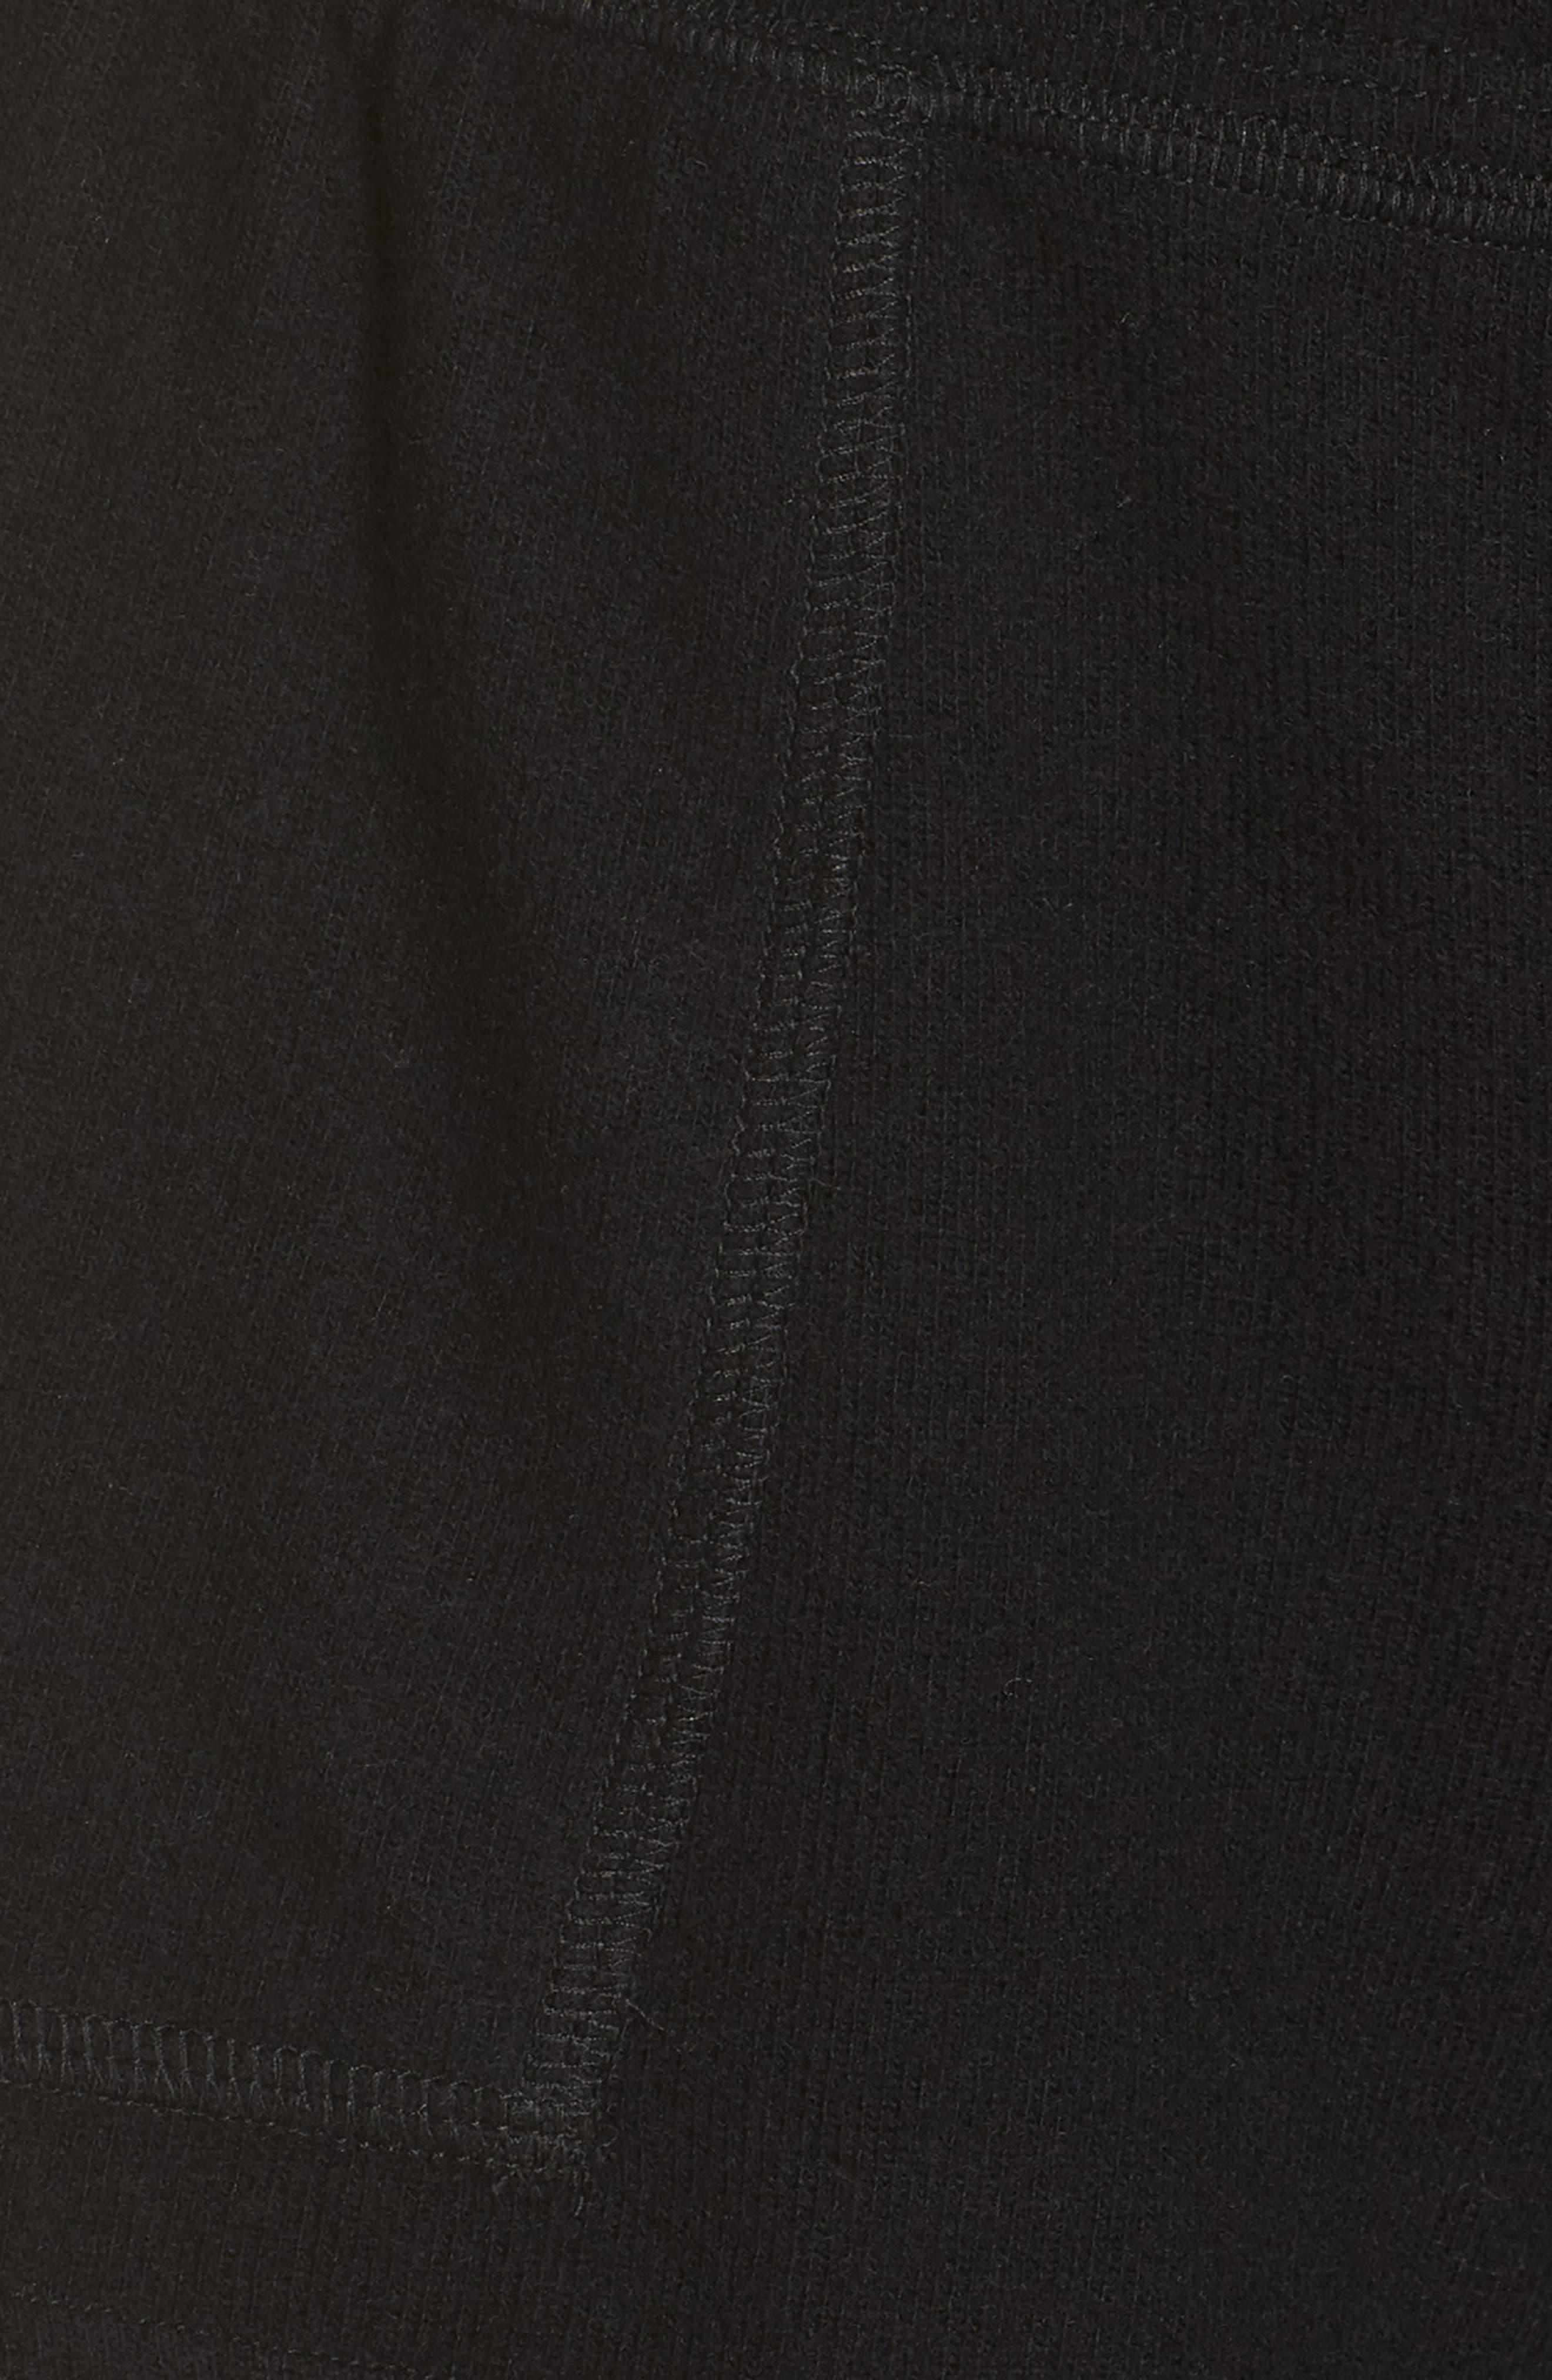 Daze Shorts,                             Alternate thumbnail 6, color,                             BLACK